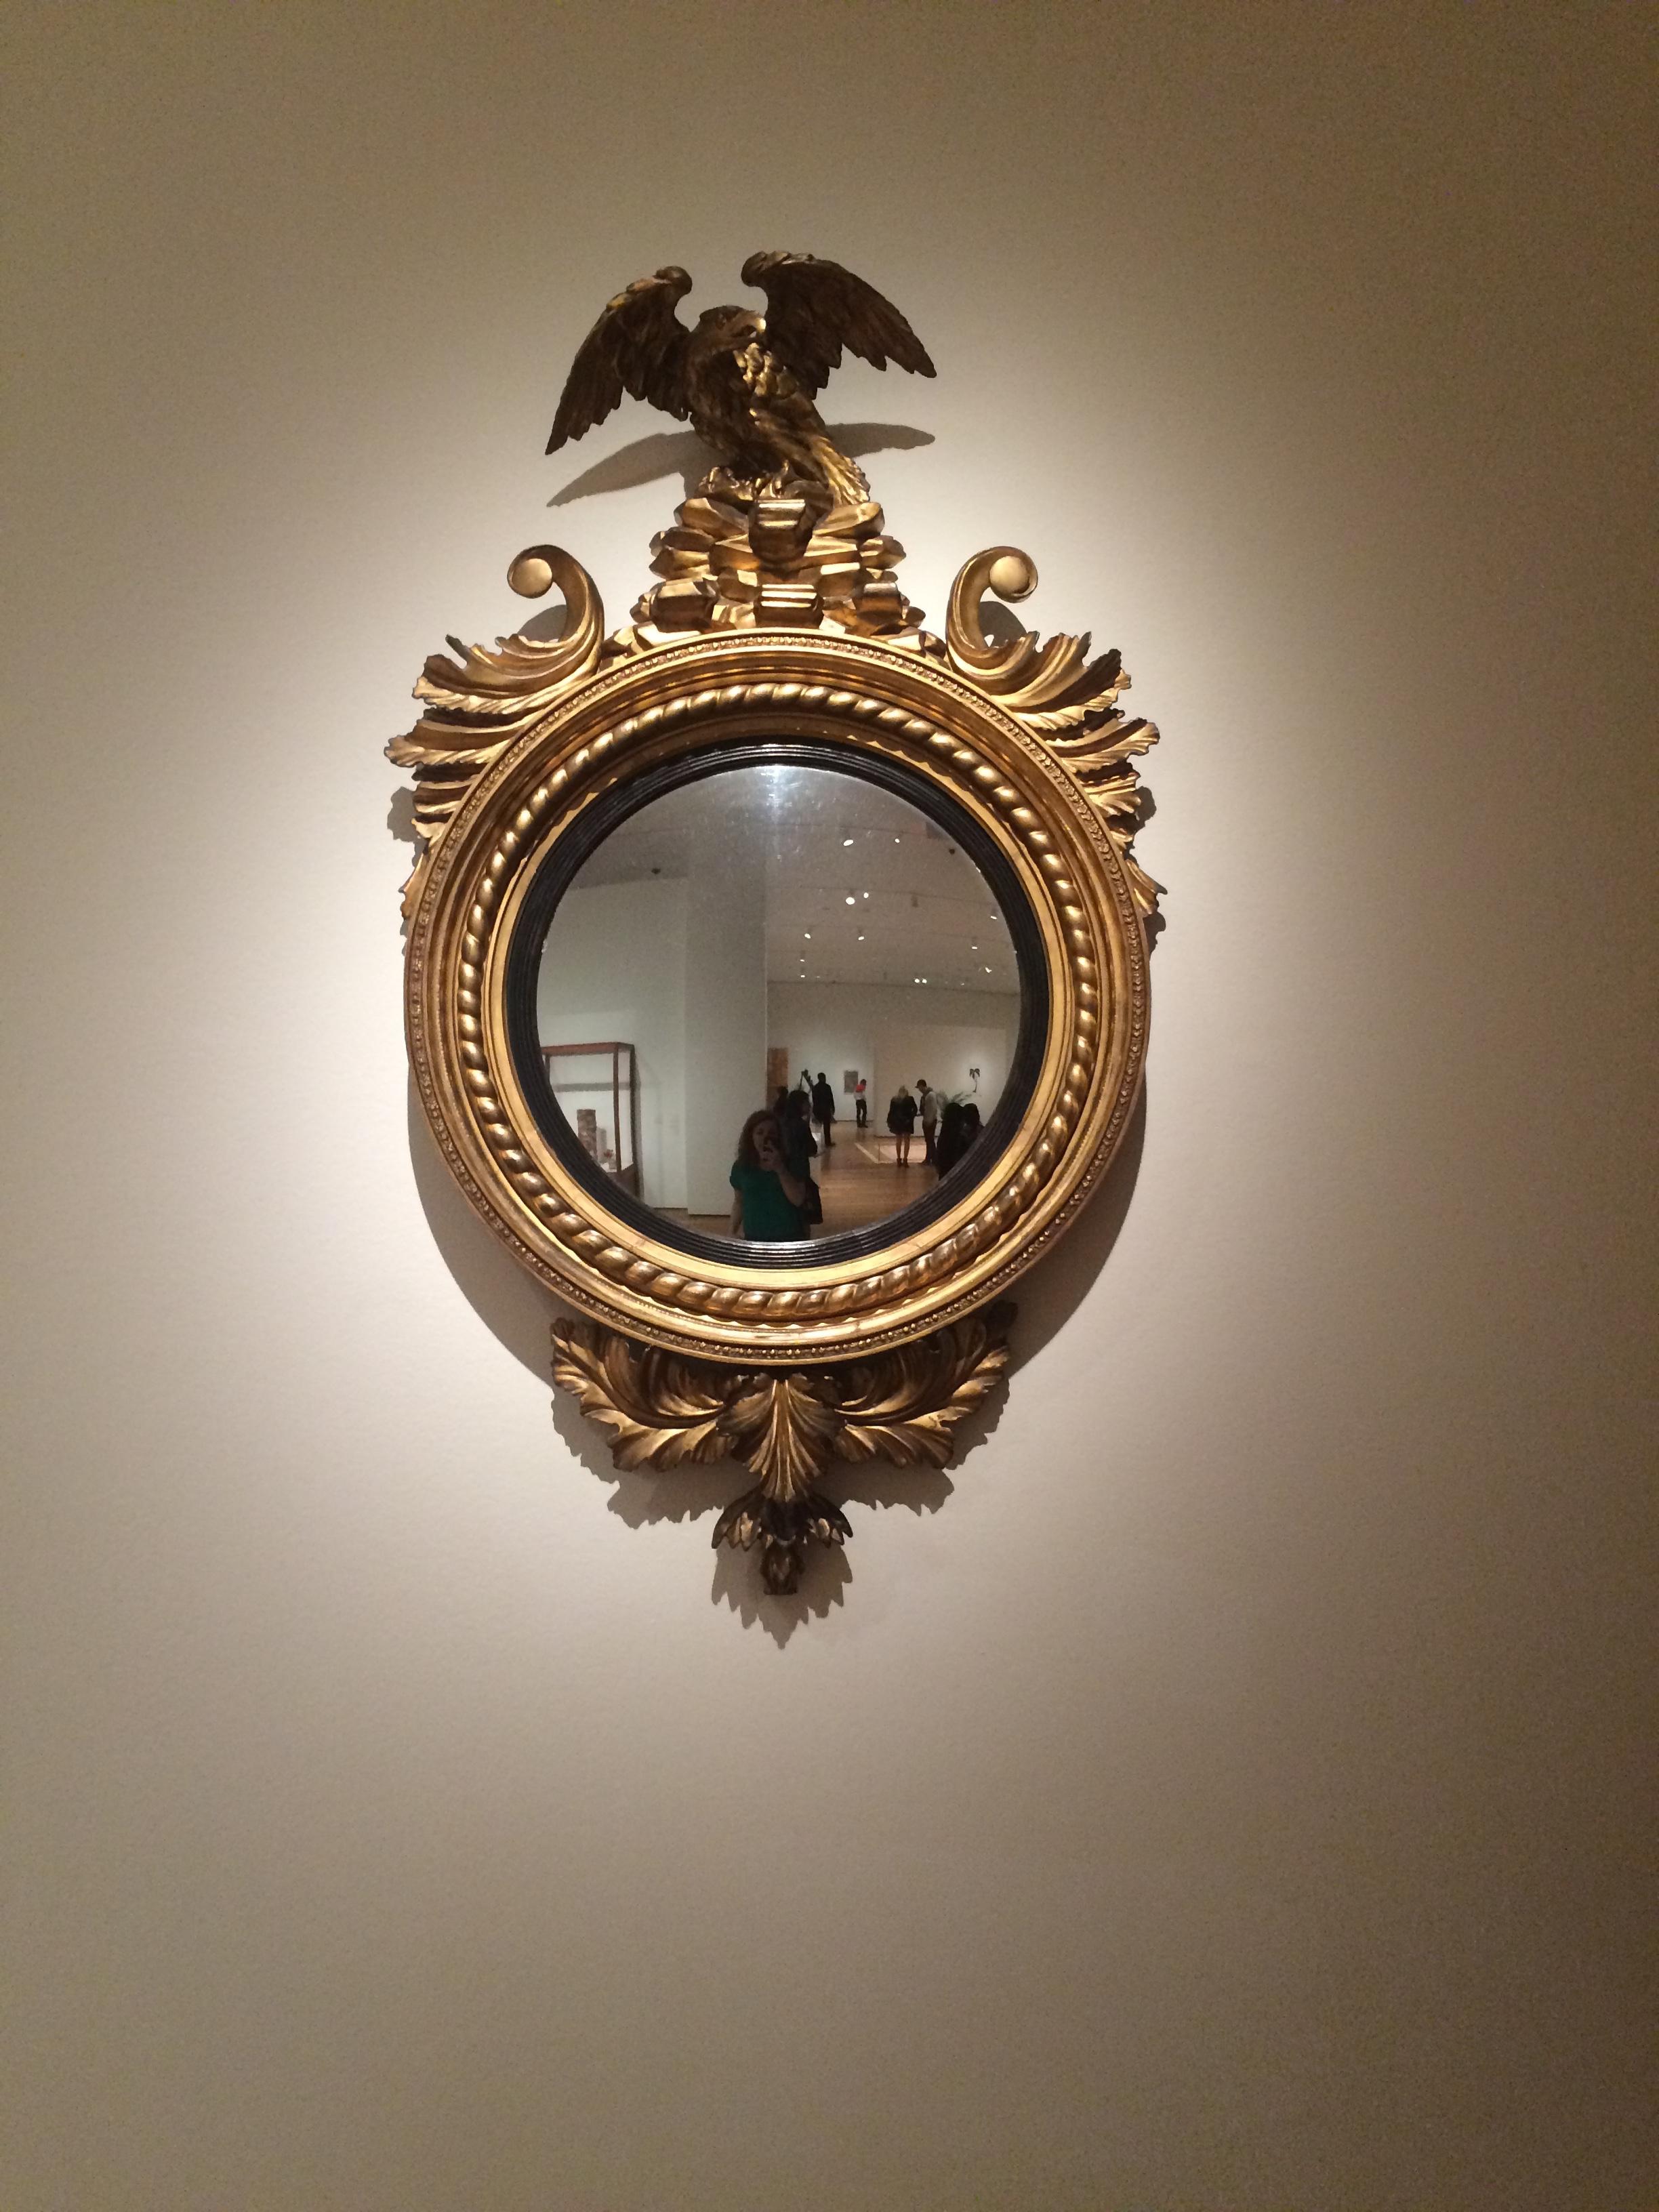 Int. Studio 2: MoMA – Broodthaers & Monuments